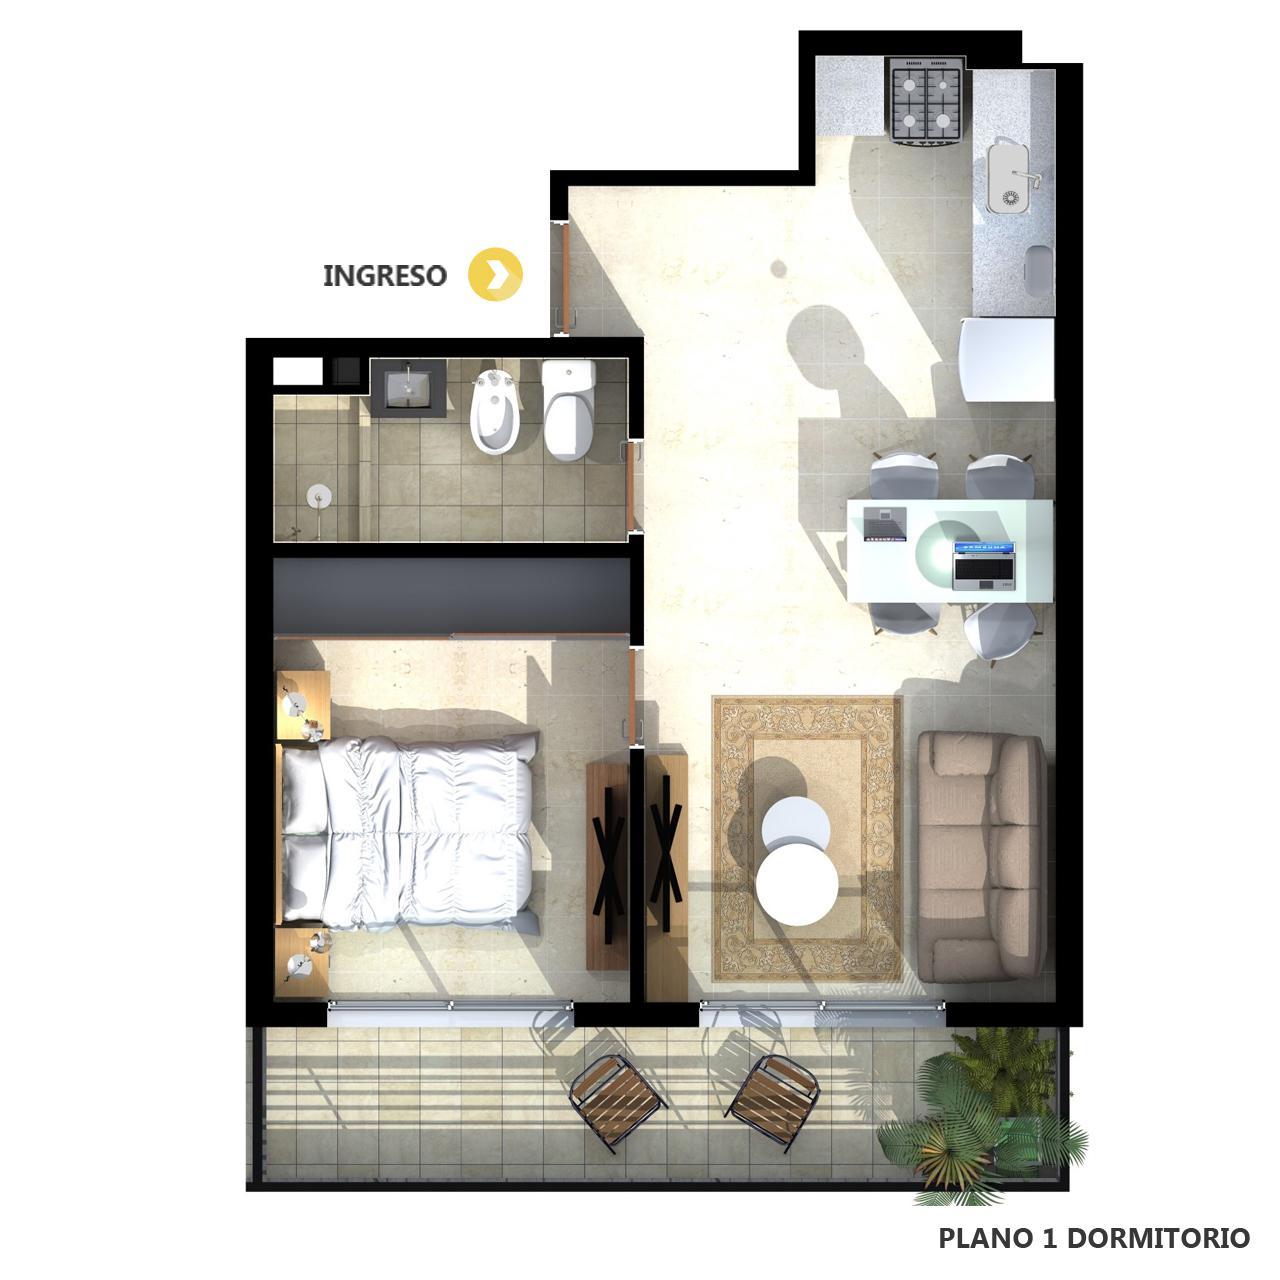 Venta departamento 1 dormitorio Rosario, Parque España. Cod CBU12472 AP2200181. Crestale Propiedades